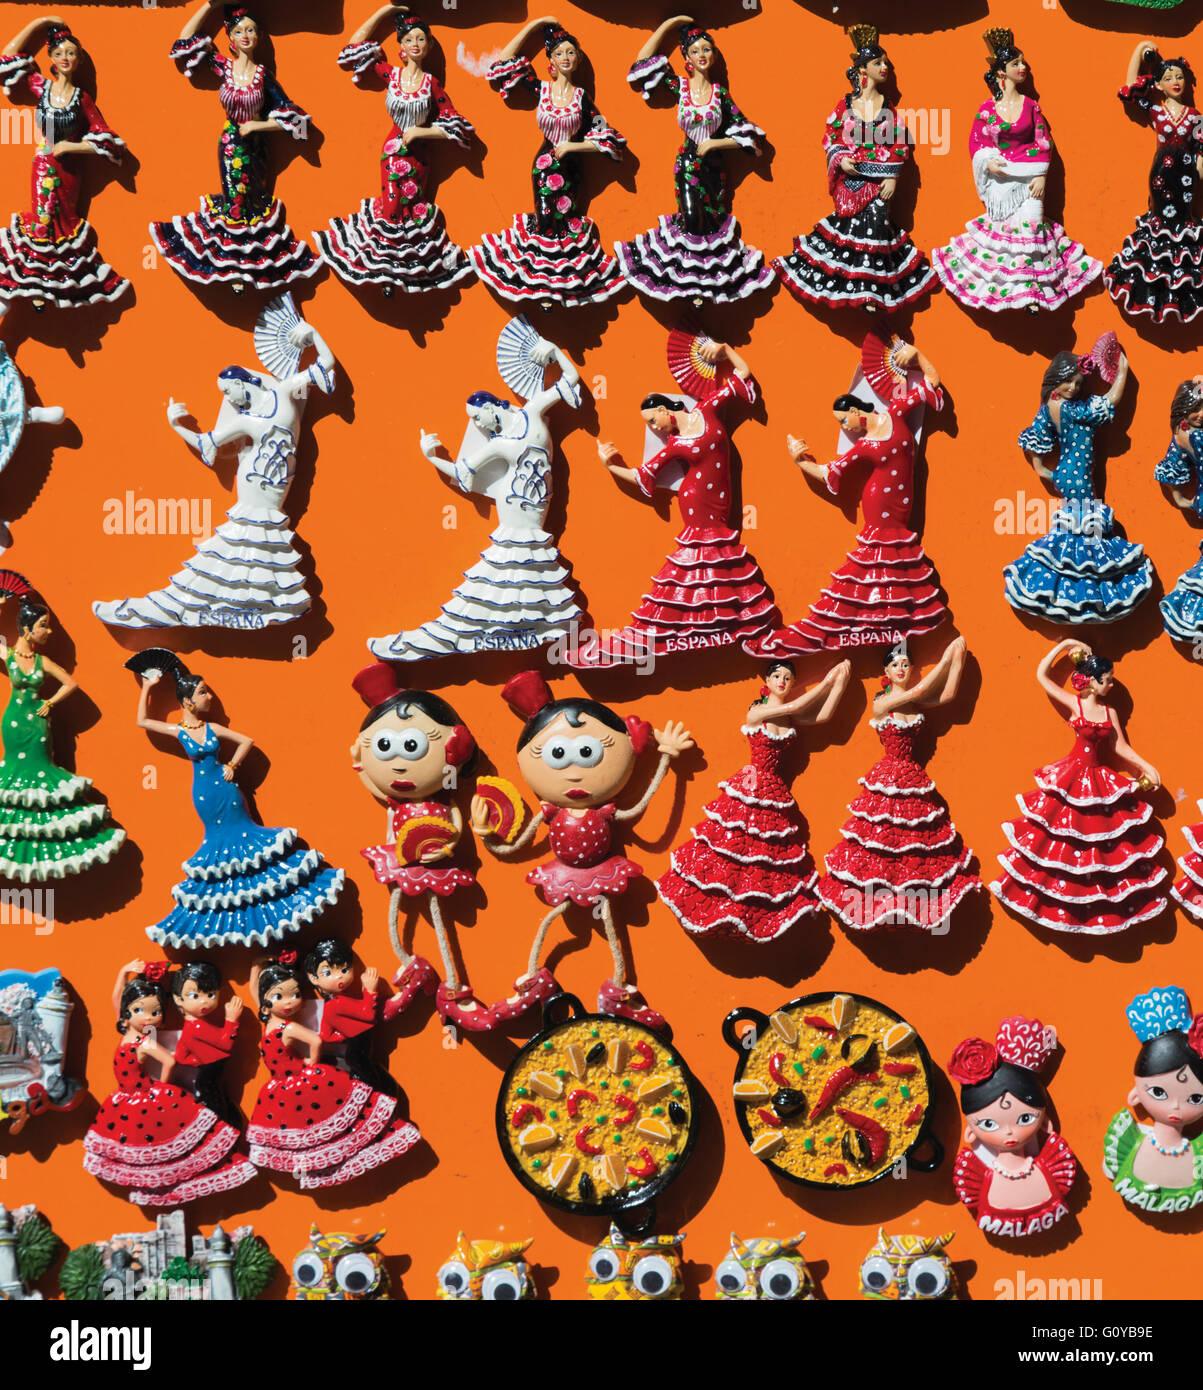 Spagna. La ballerina di flamenco souvenir magneti per il frigo. Immagini Stock